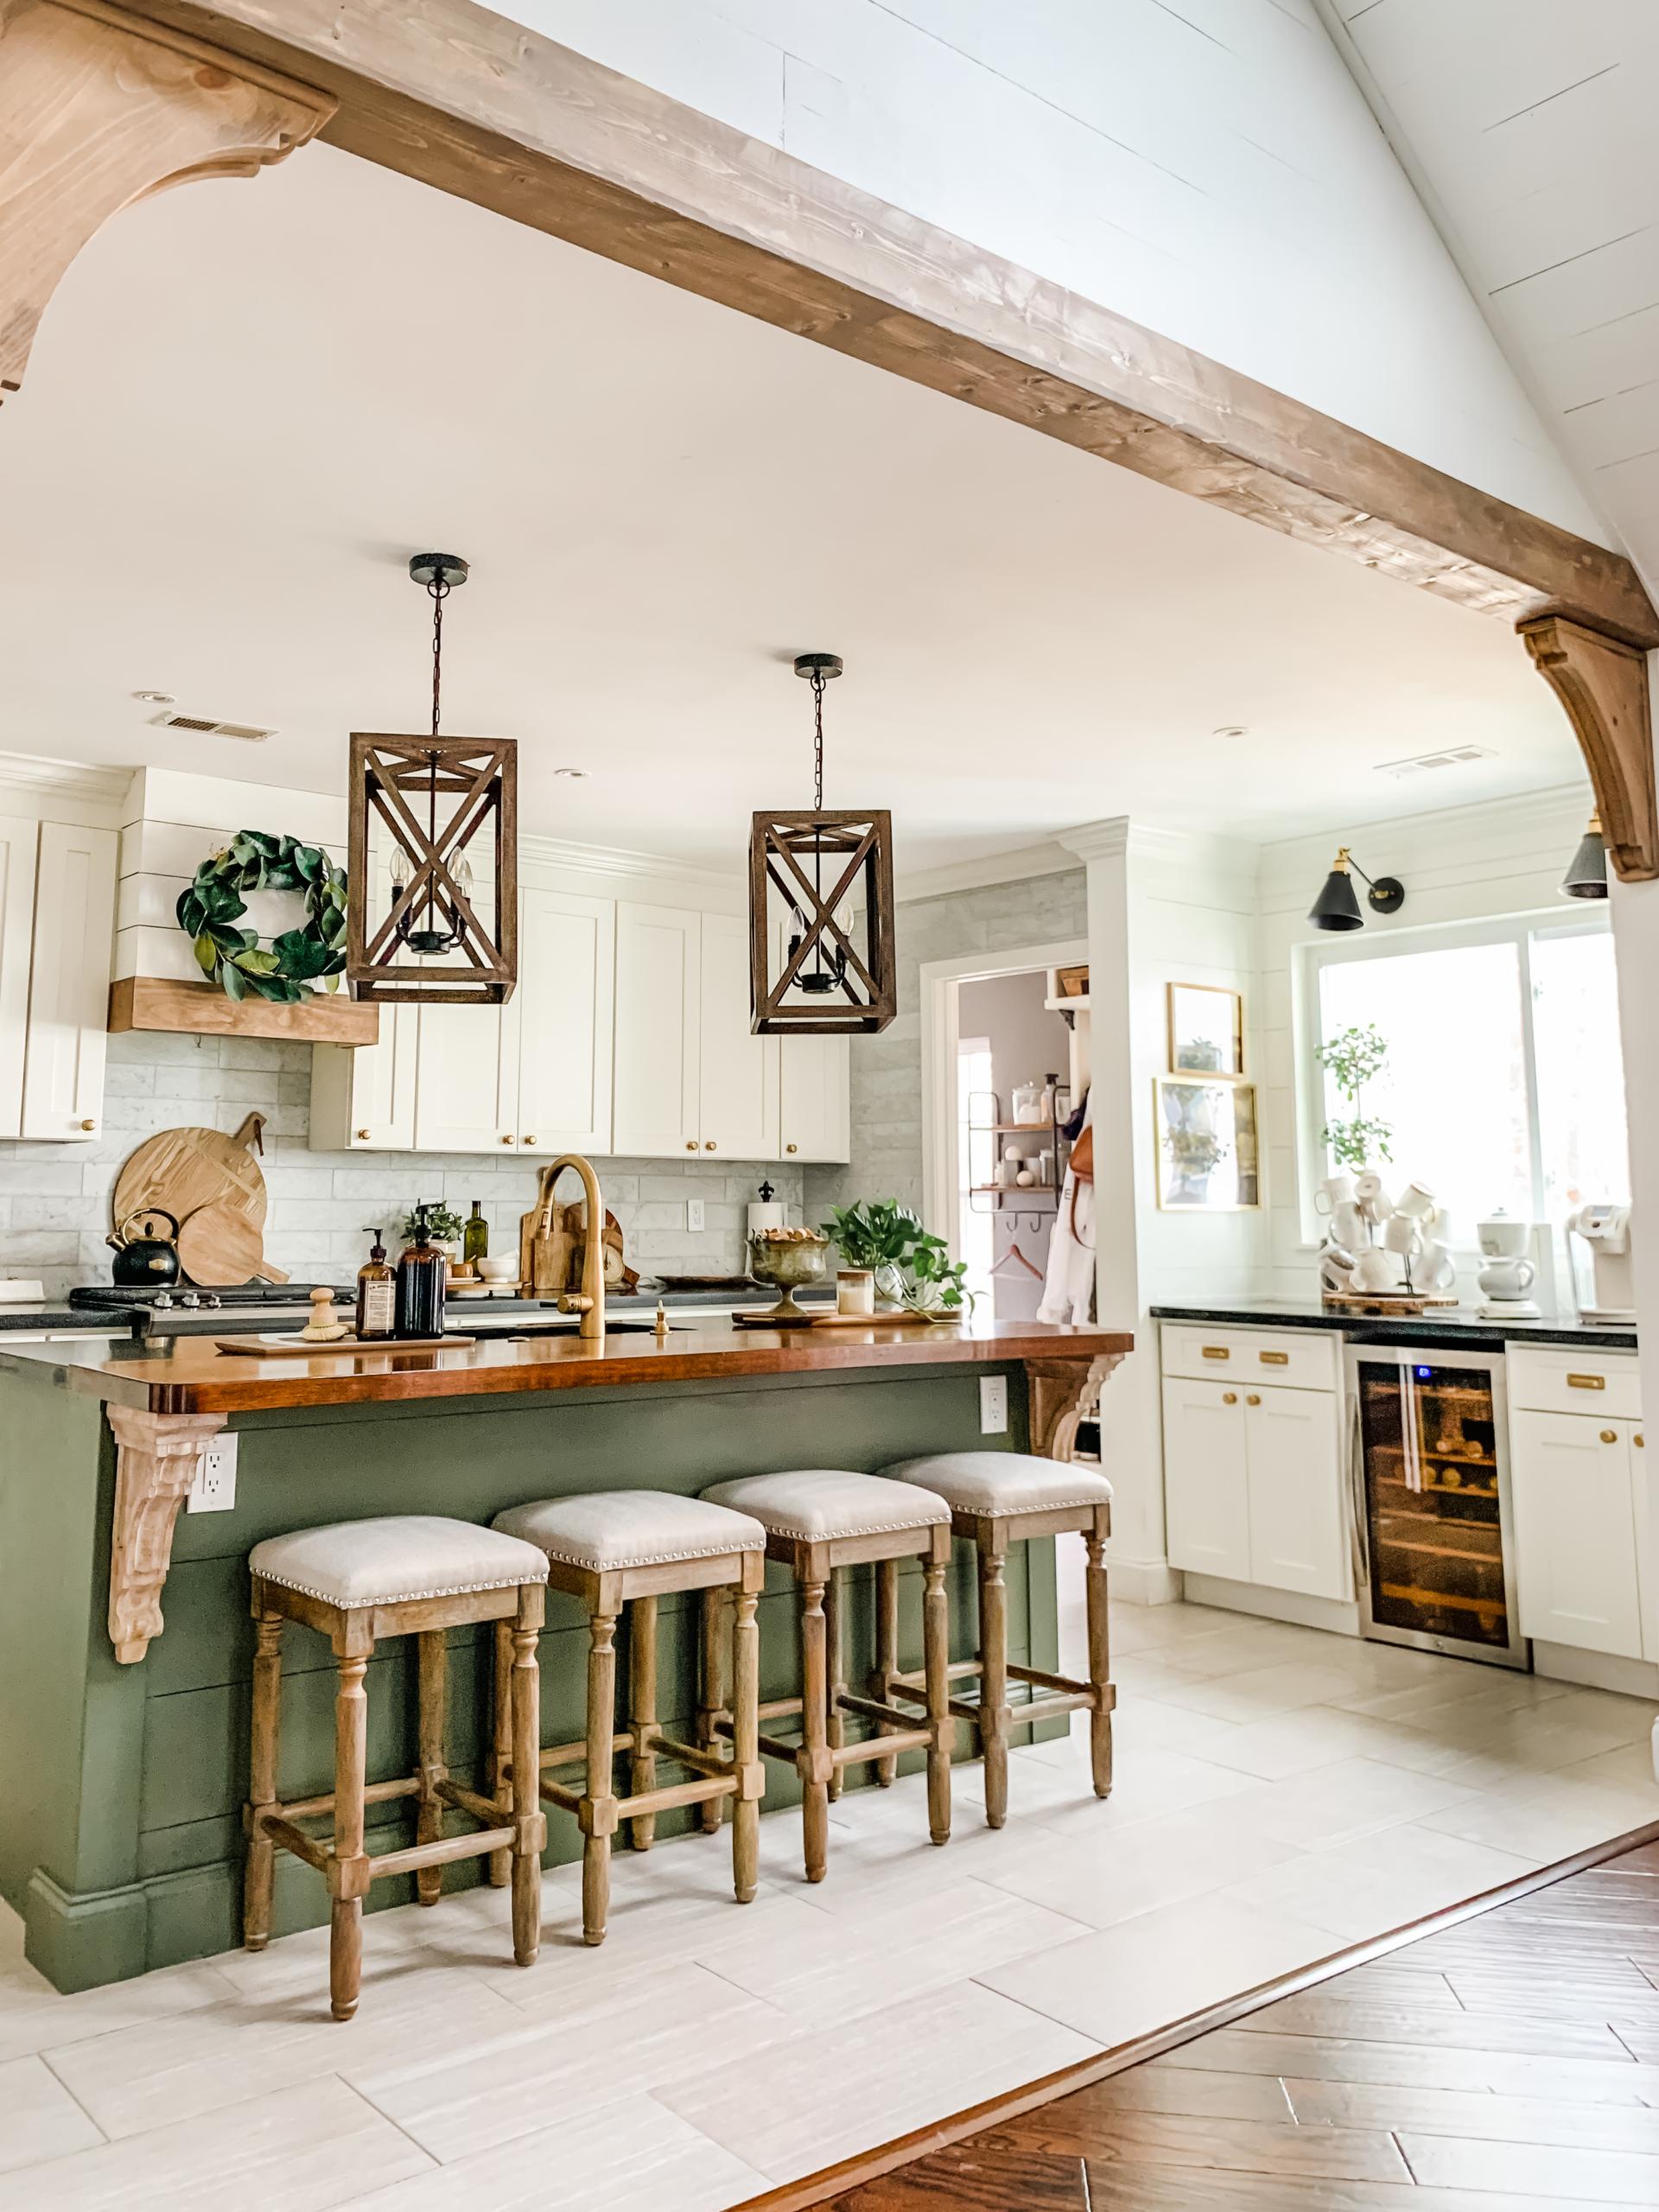 kitchen accessories styled in kitchen